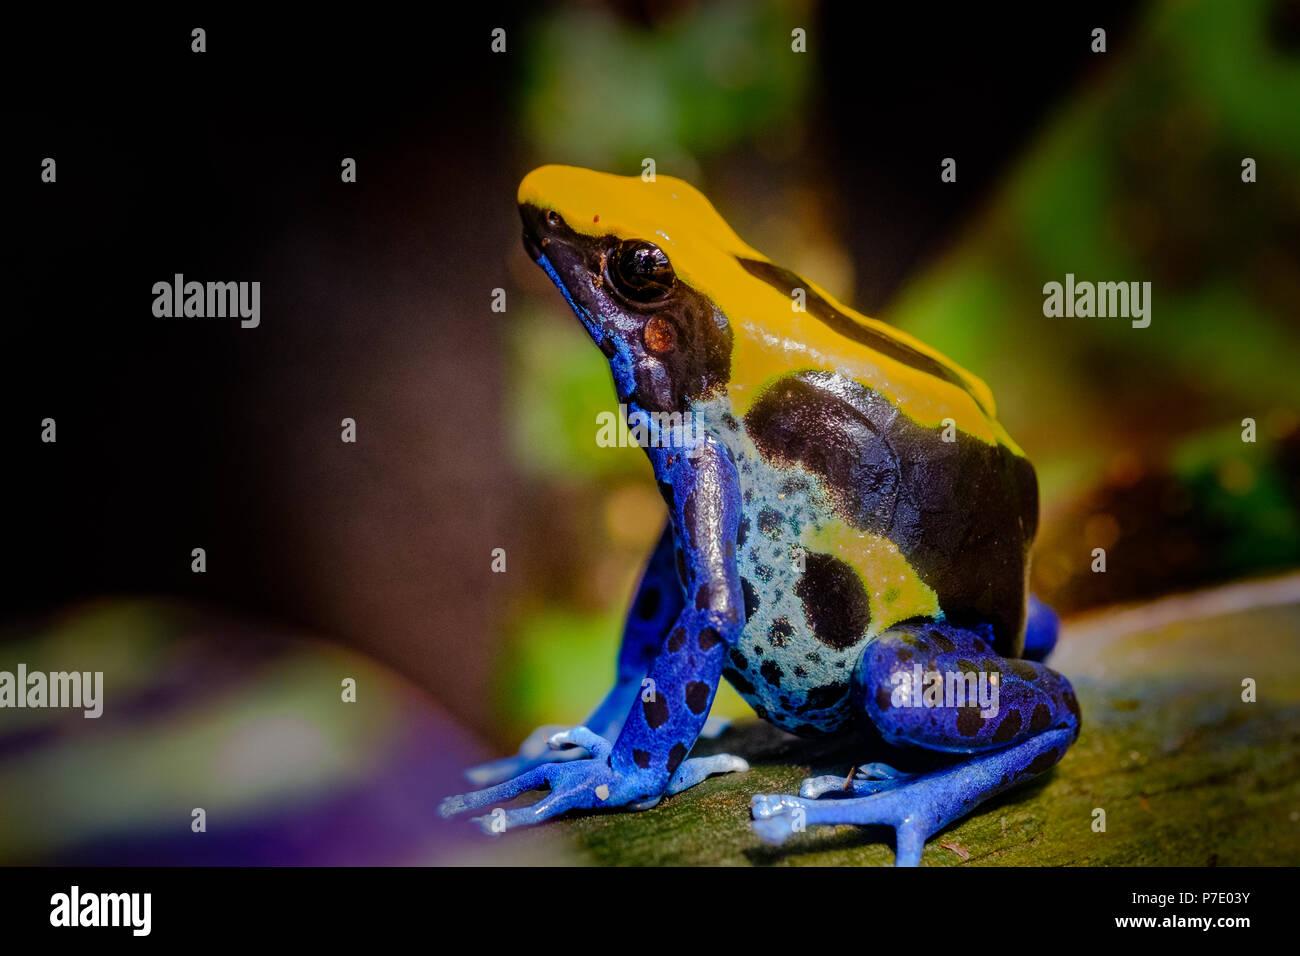 La teinture dart frog, tinc (surnom donné par ceux dans le passe-temps de garder les grenouilles dart), ou la teinture (Dendrobates tinctorius grenouille poison) est une espèce Photo Stock